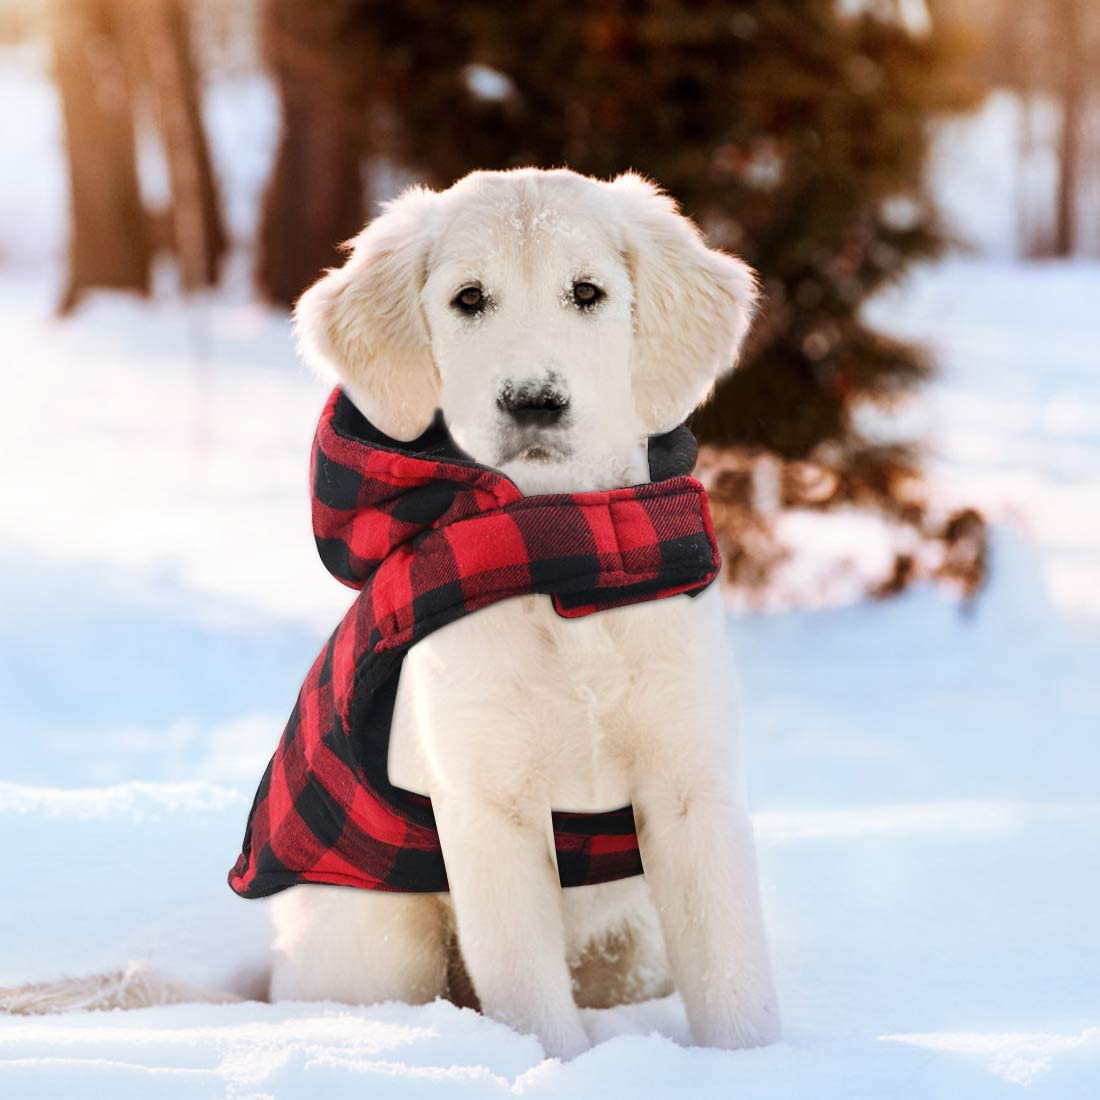 Idepet Chemise /à capuche chien T-shirt v/êtements dhiver pour animaux de compagnie gilet costumes chauds manteau doux pour les chats petits moyens grands chiens